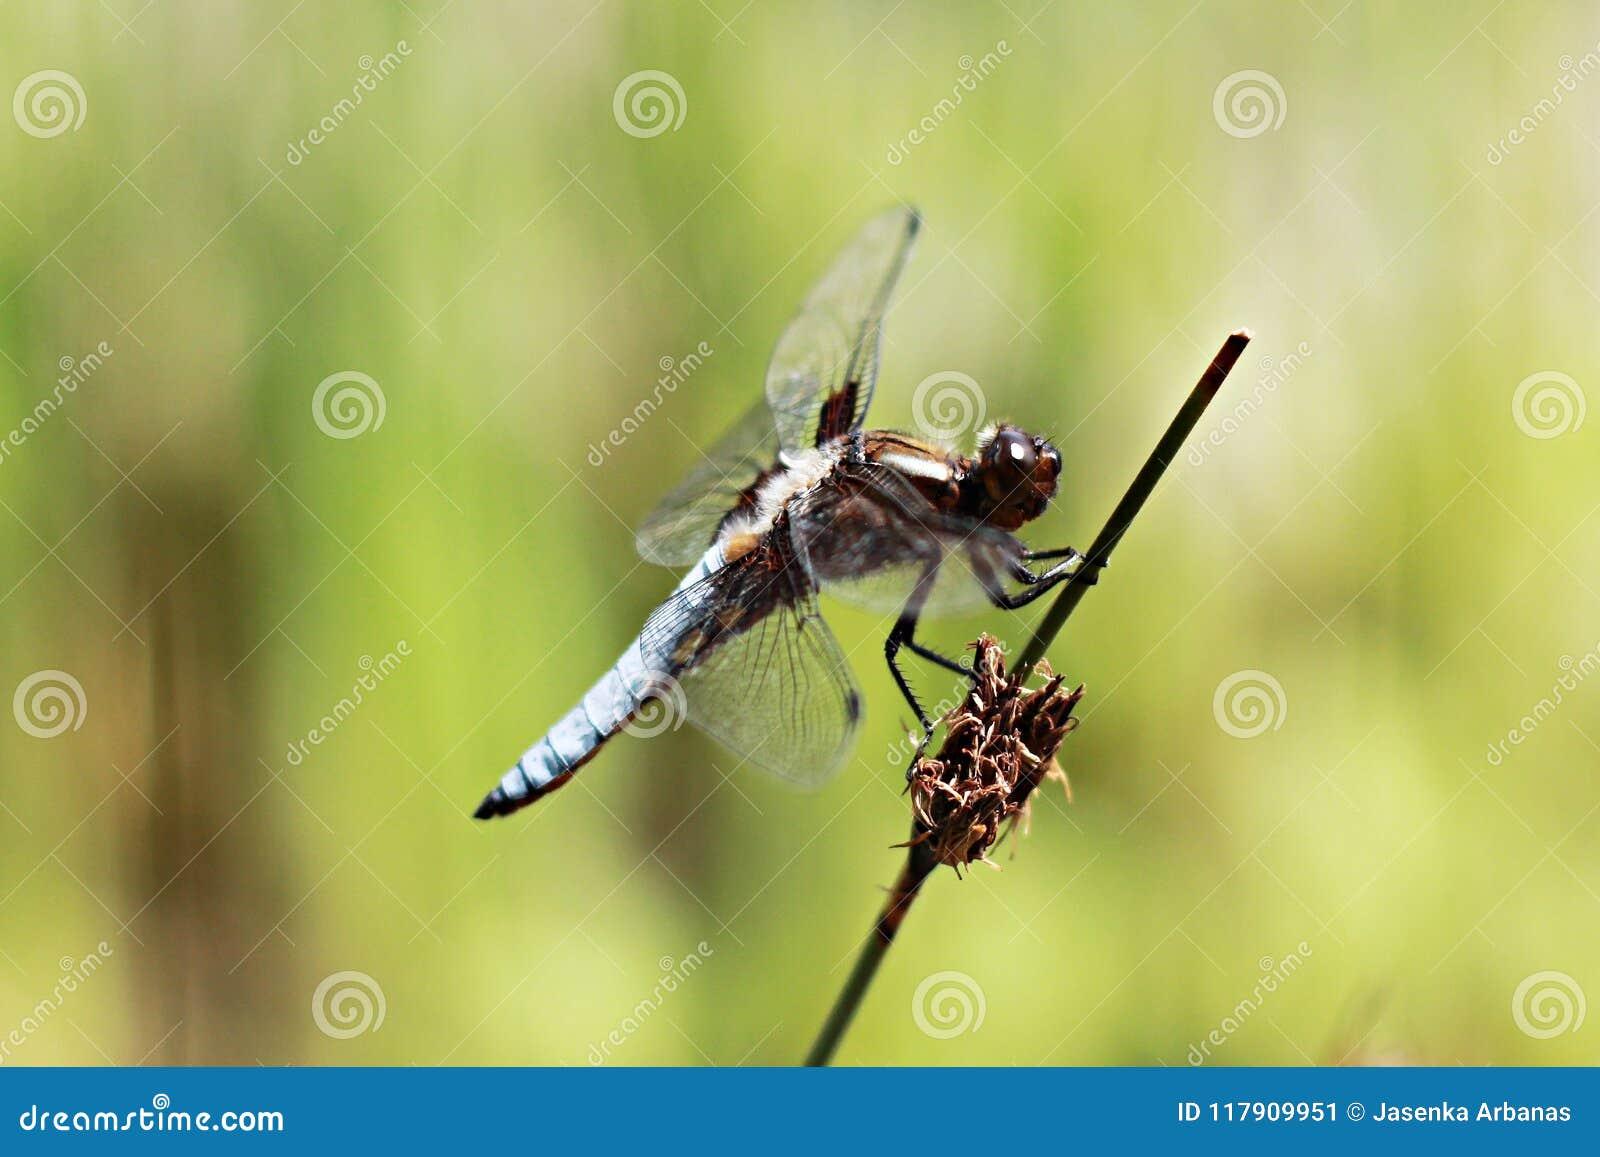 Nahaufnahme der Libelle auf Stamm